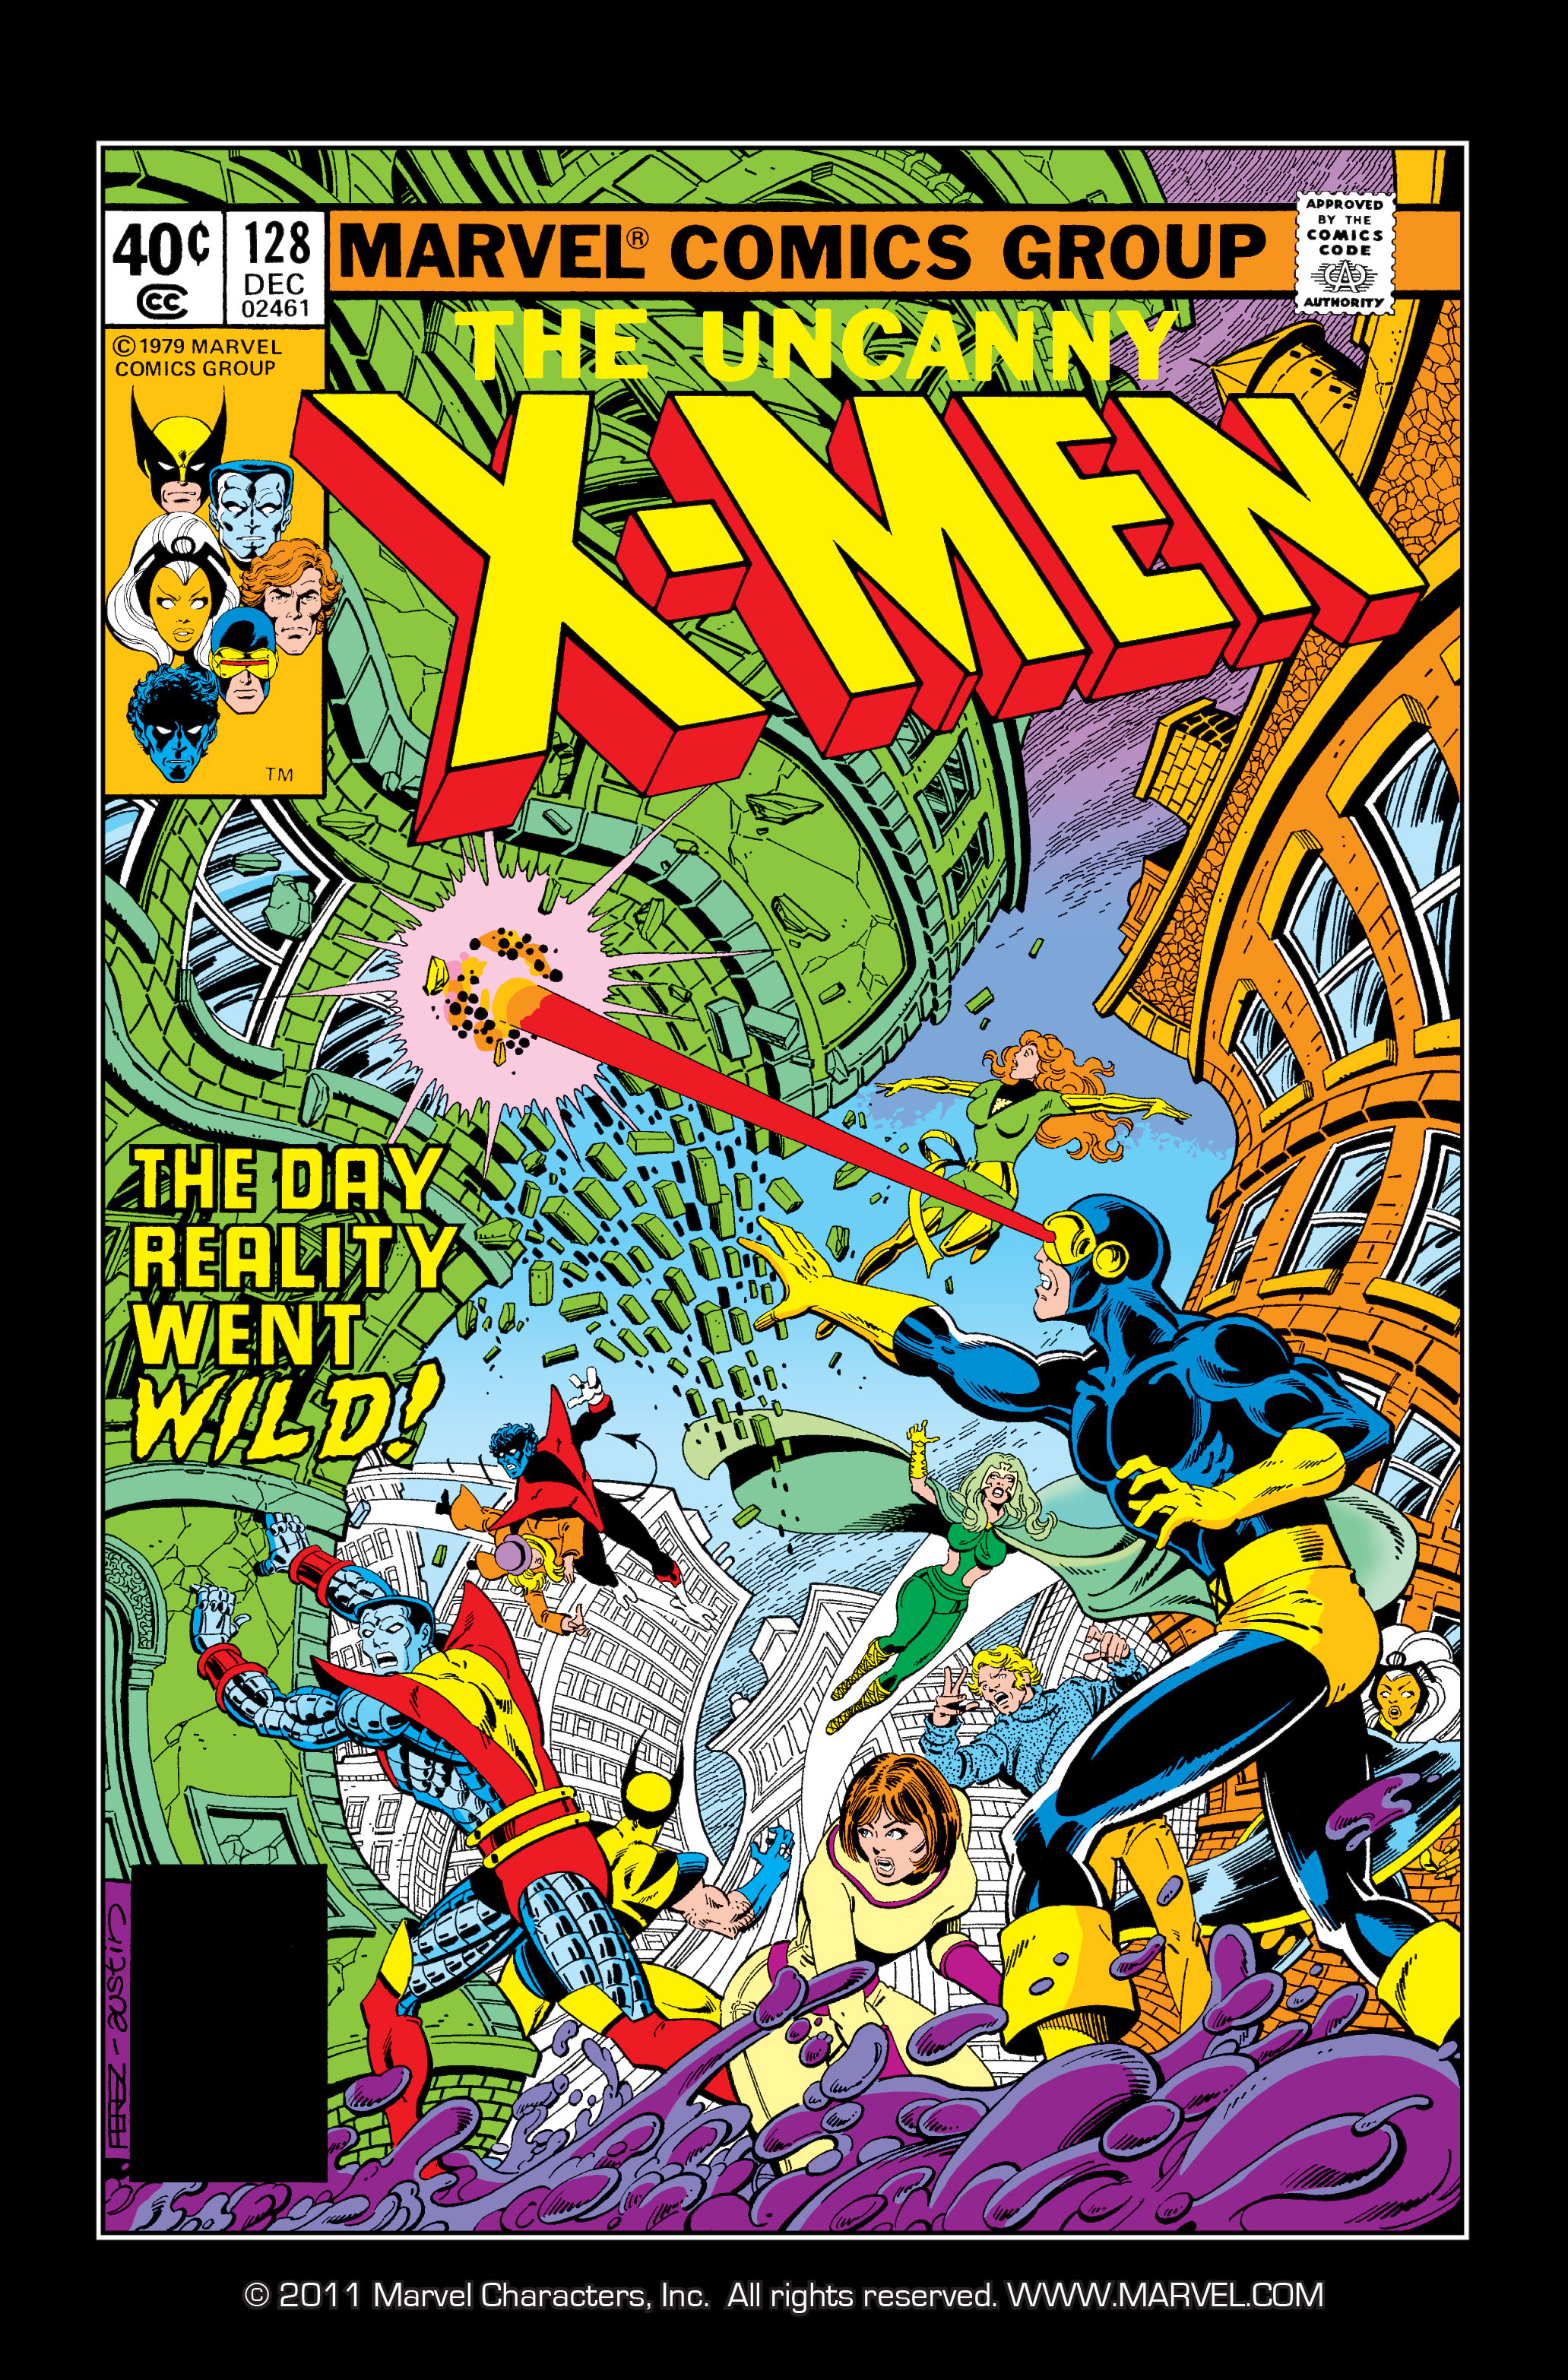 Read online Uncanny X-Men (1963) comic -  Issue #128 - 1